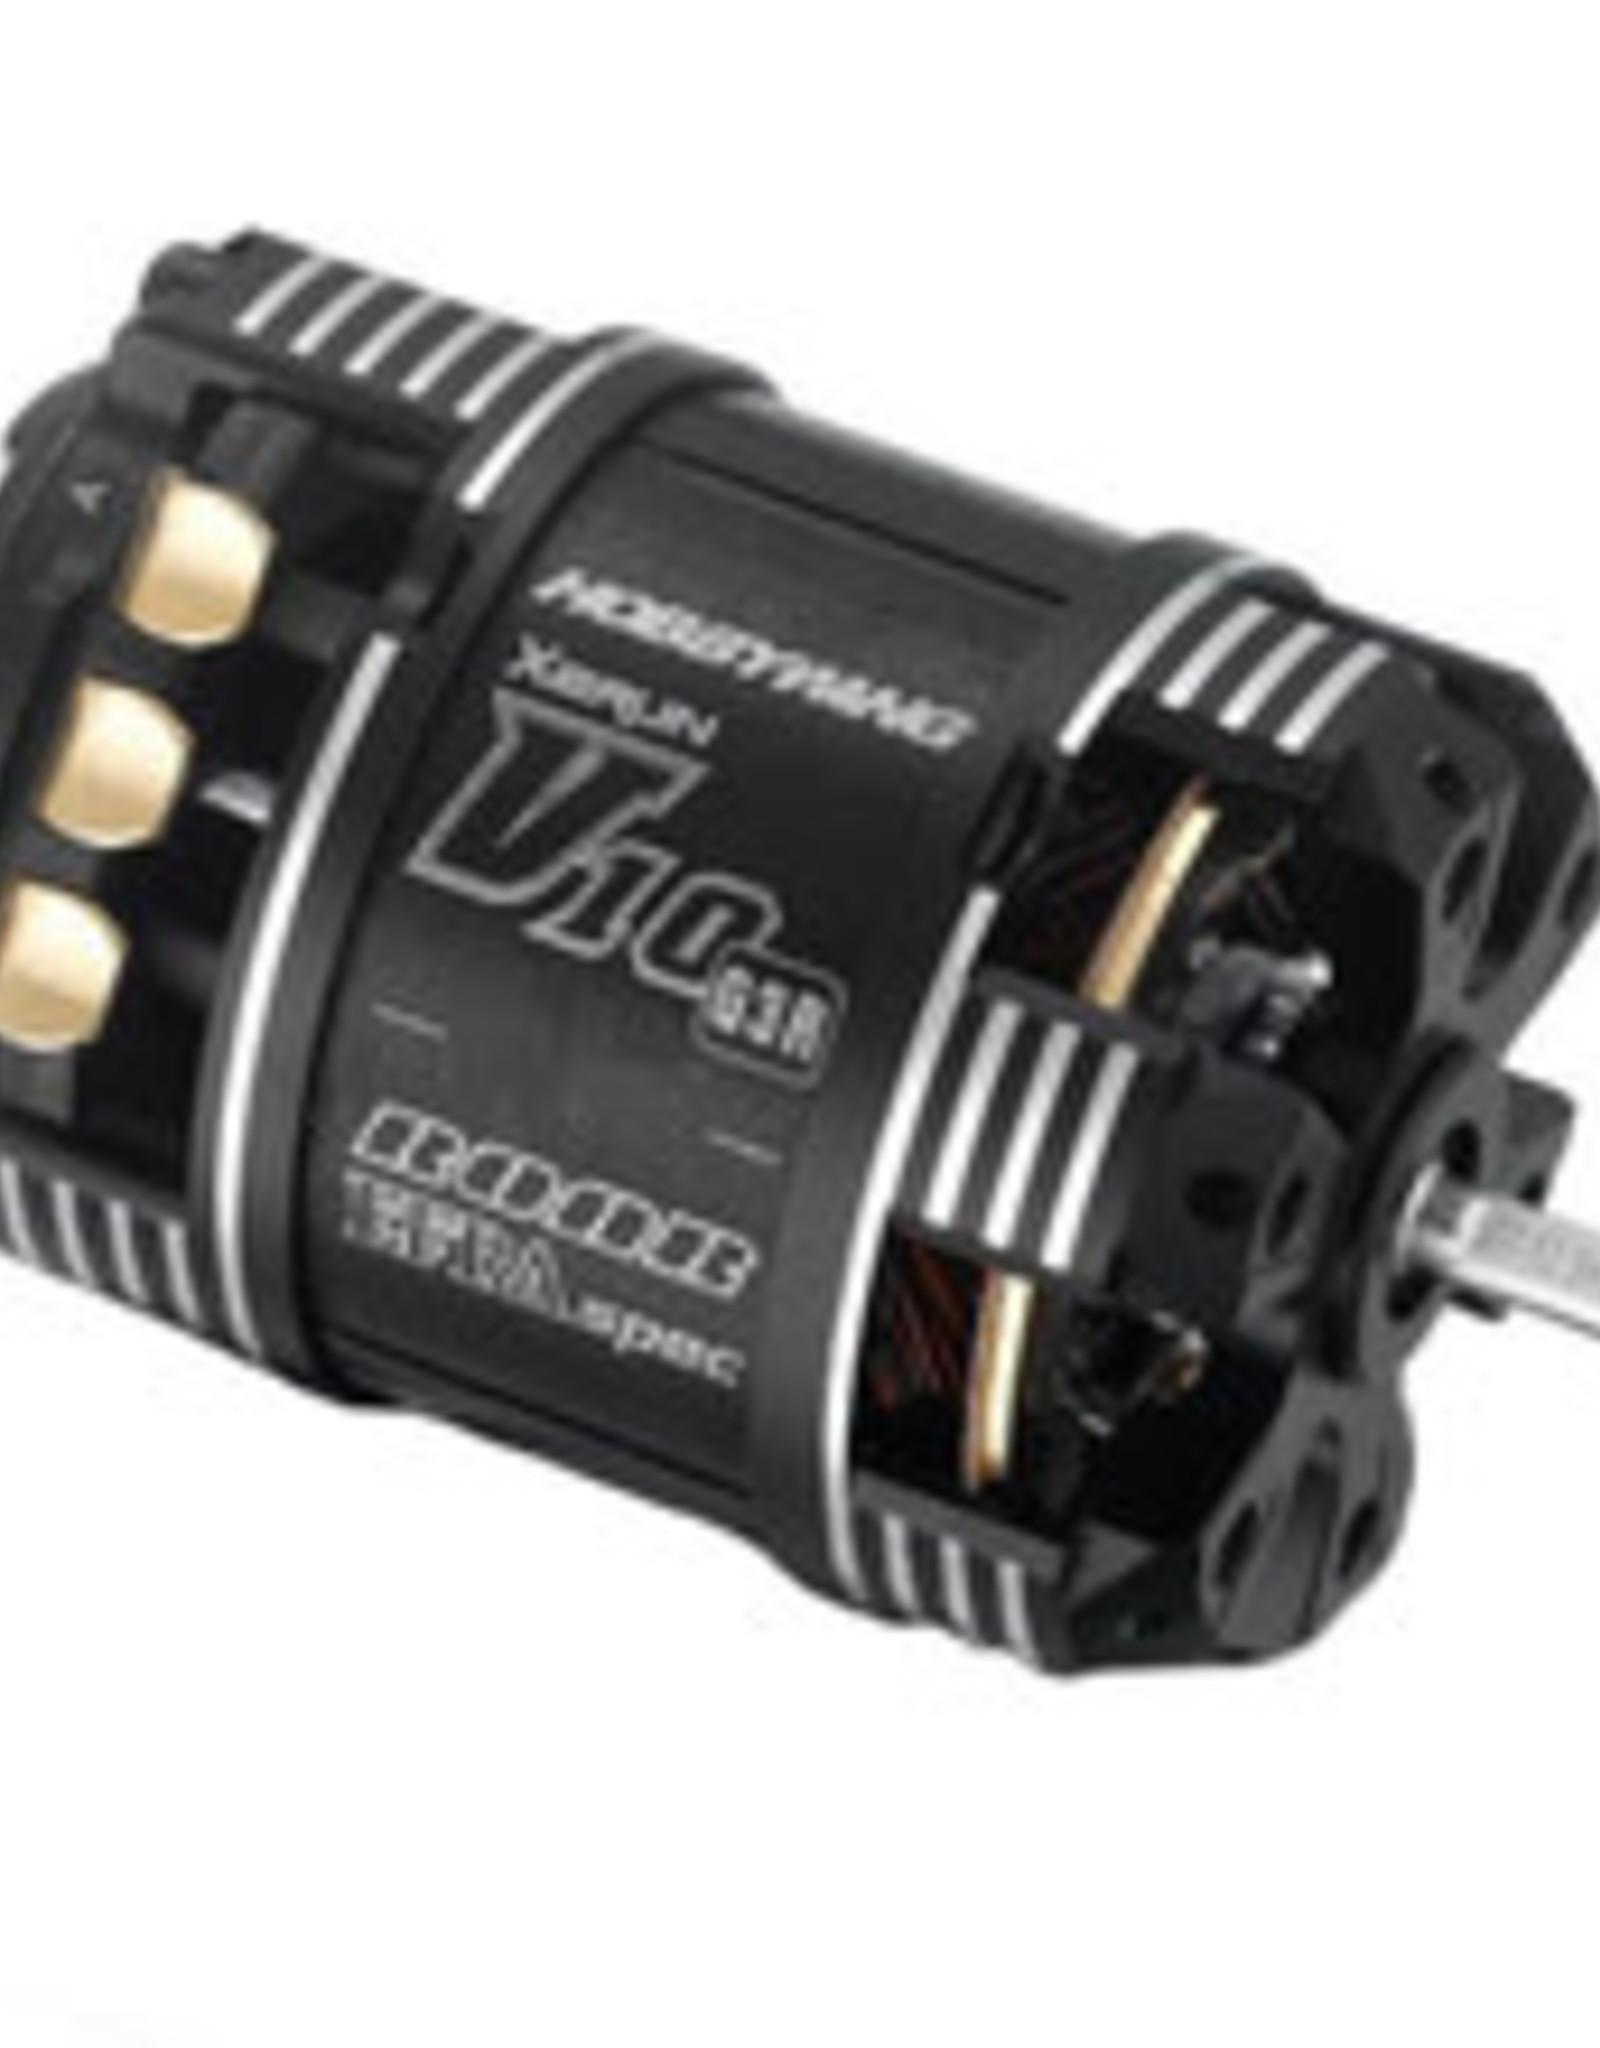 HobbyWing XeRun V10 G3R 13.5T Sensored Brushless Motor